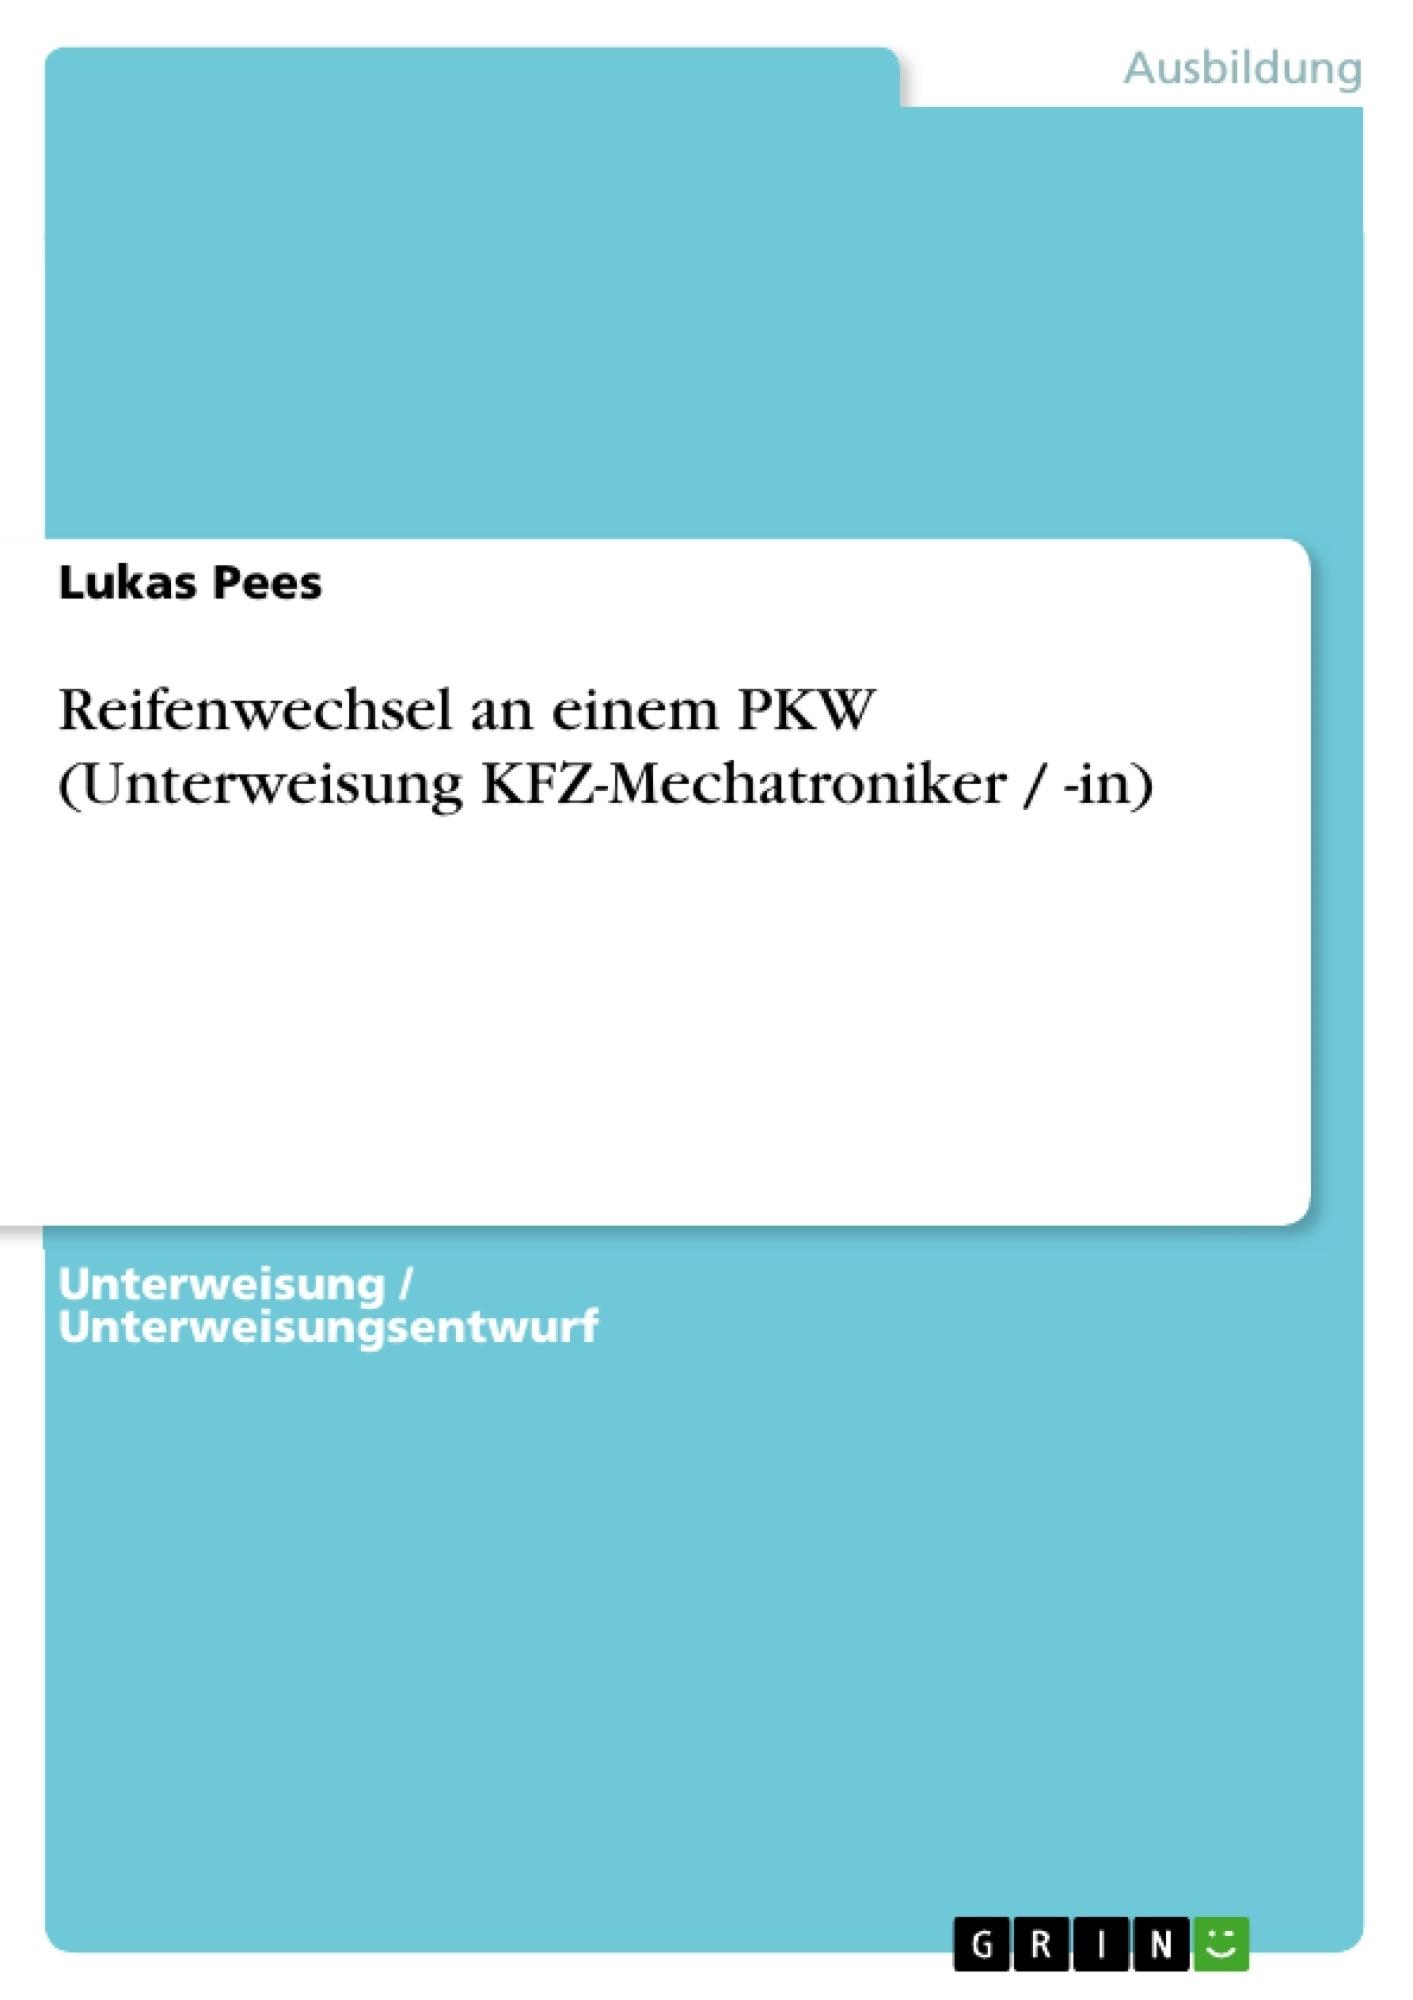 Titel: Reifenwechsel an einem PKW (Unterweisung KFZ-Mechatroniker / -in)